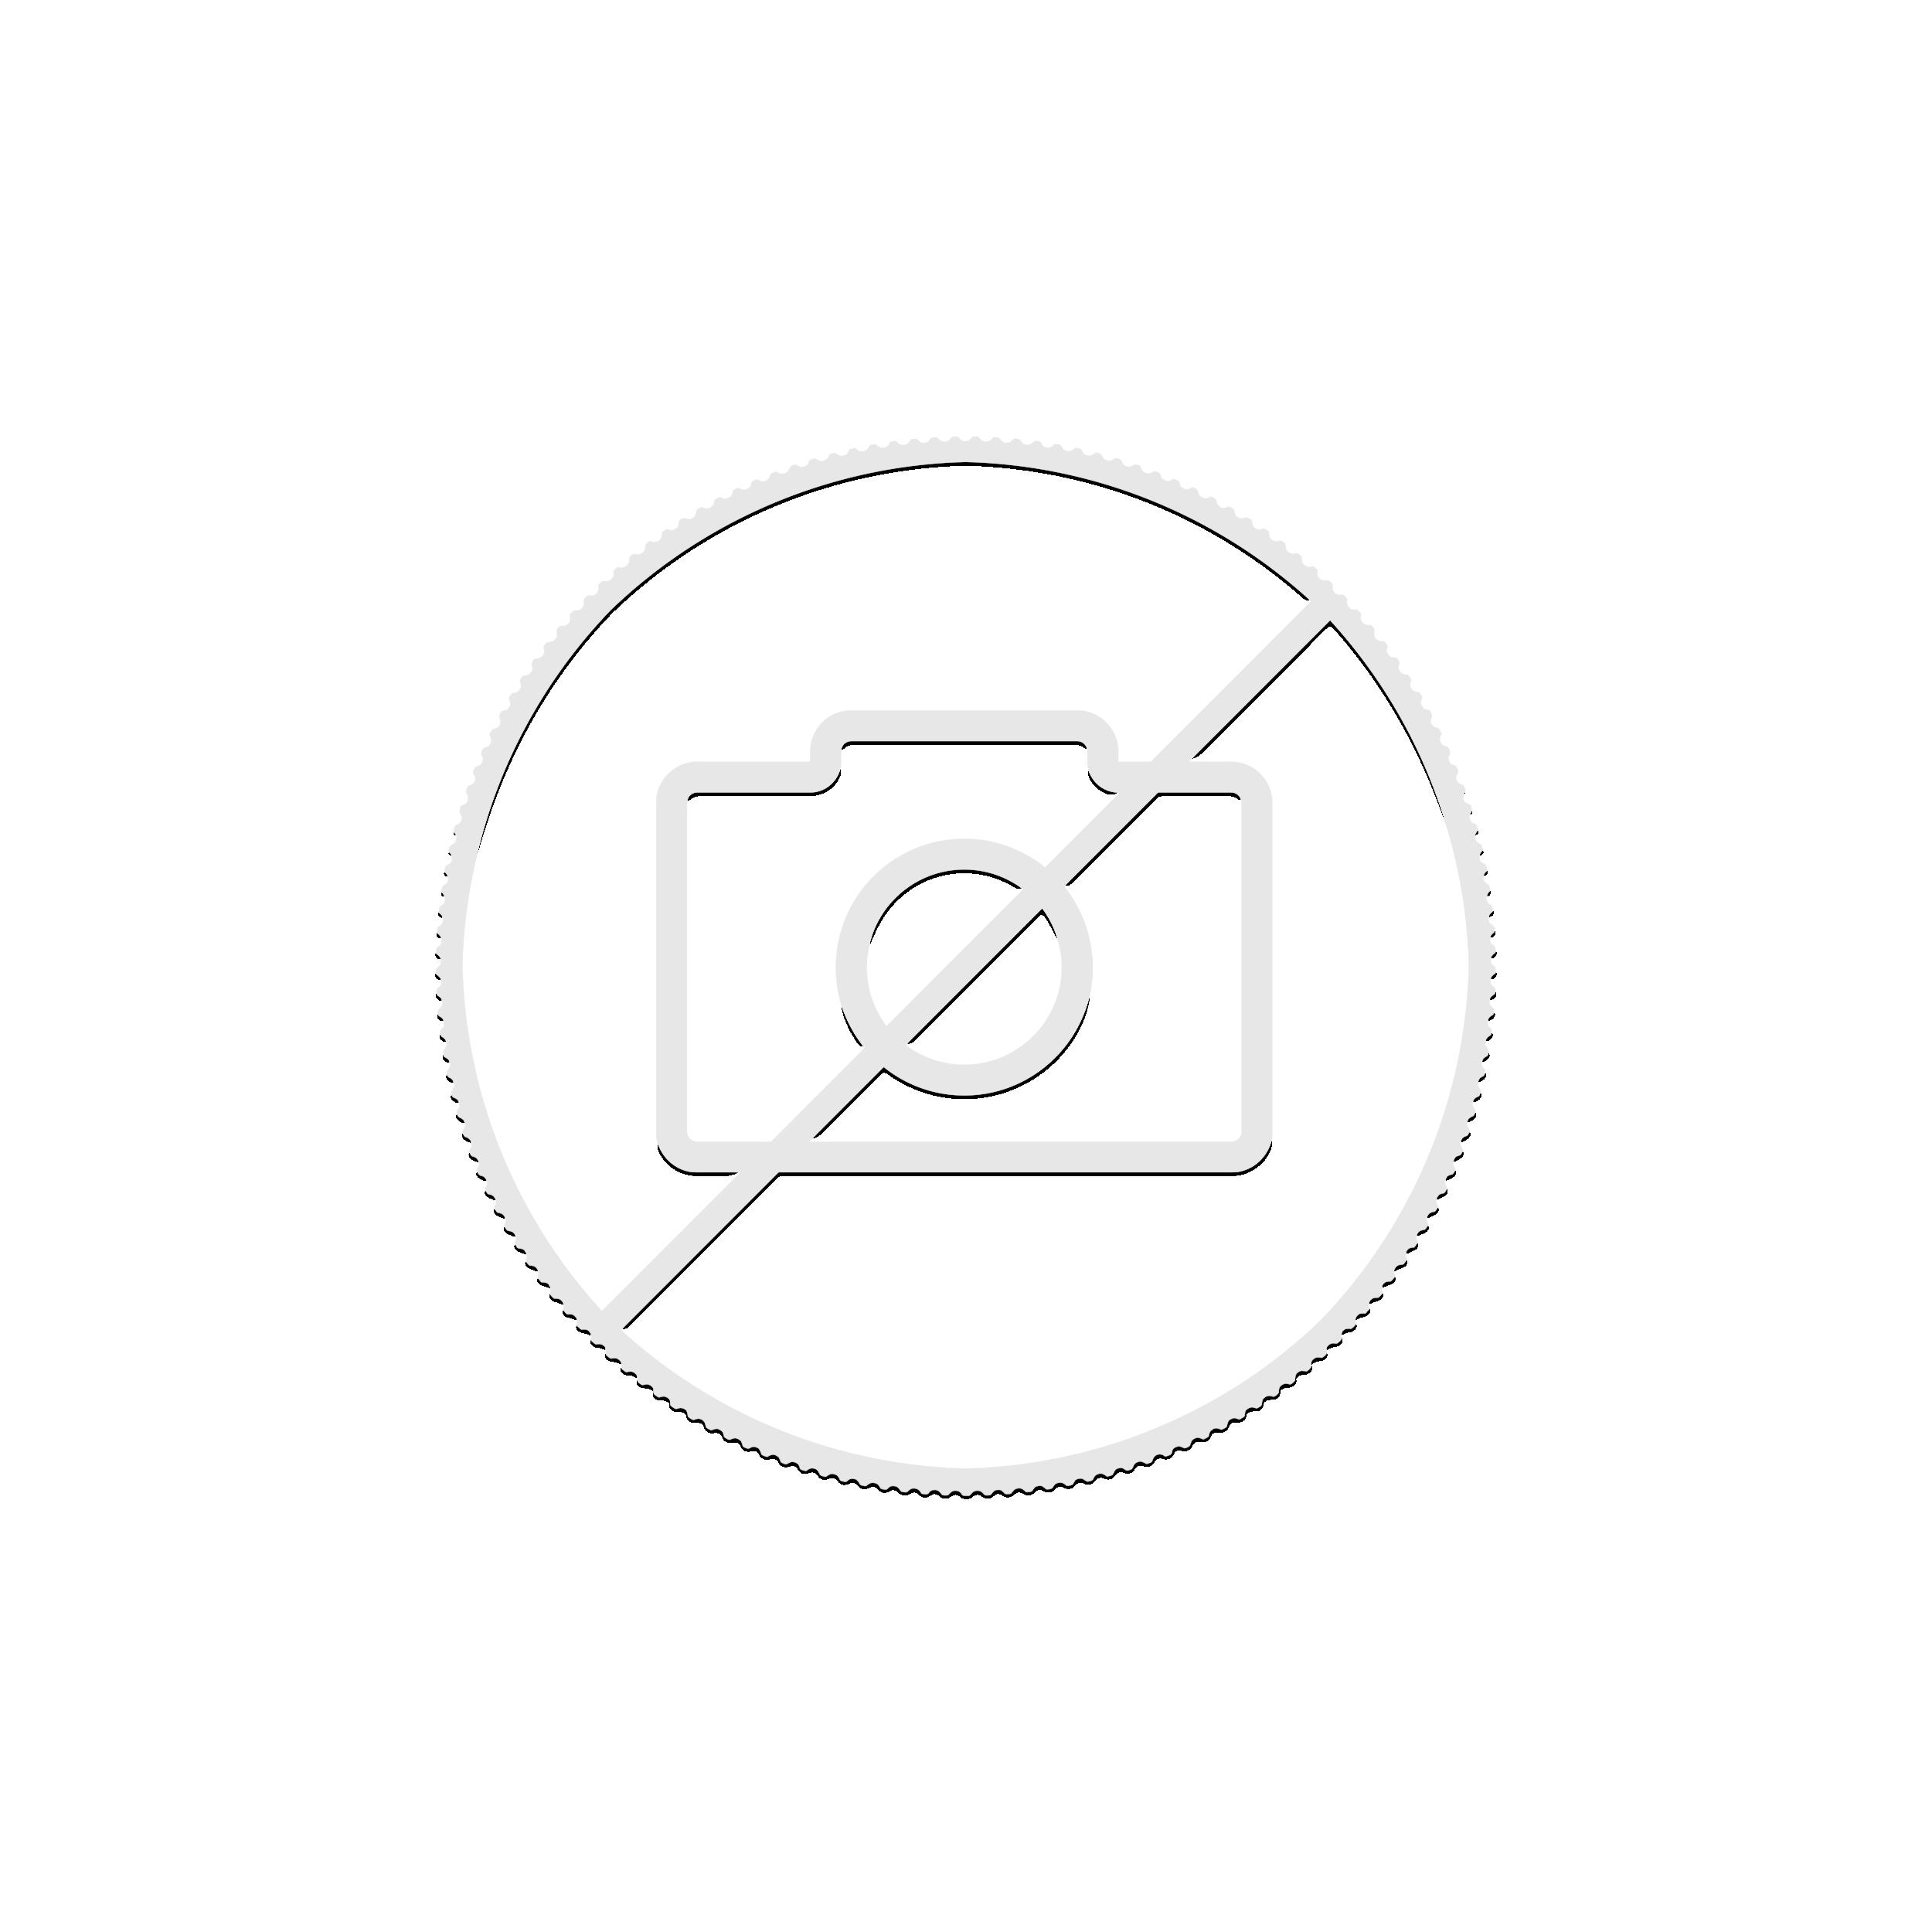 1 Kilo gold bar Umicore